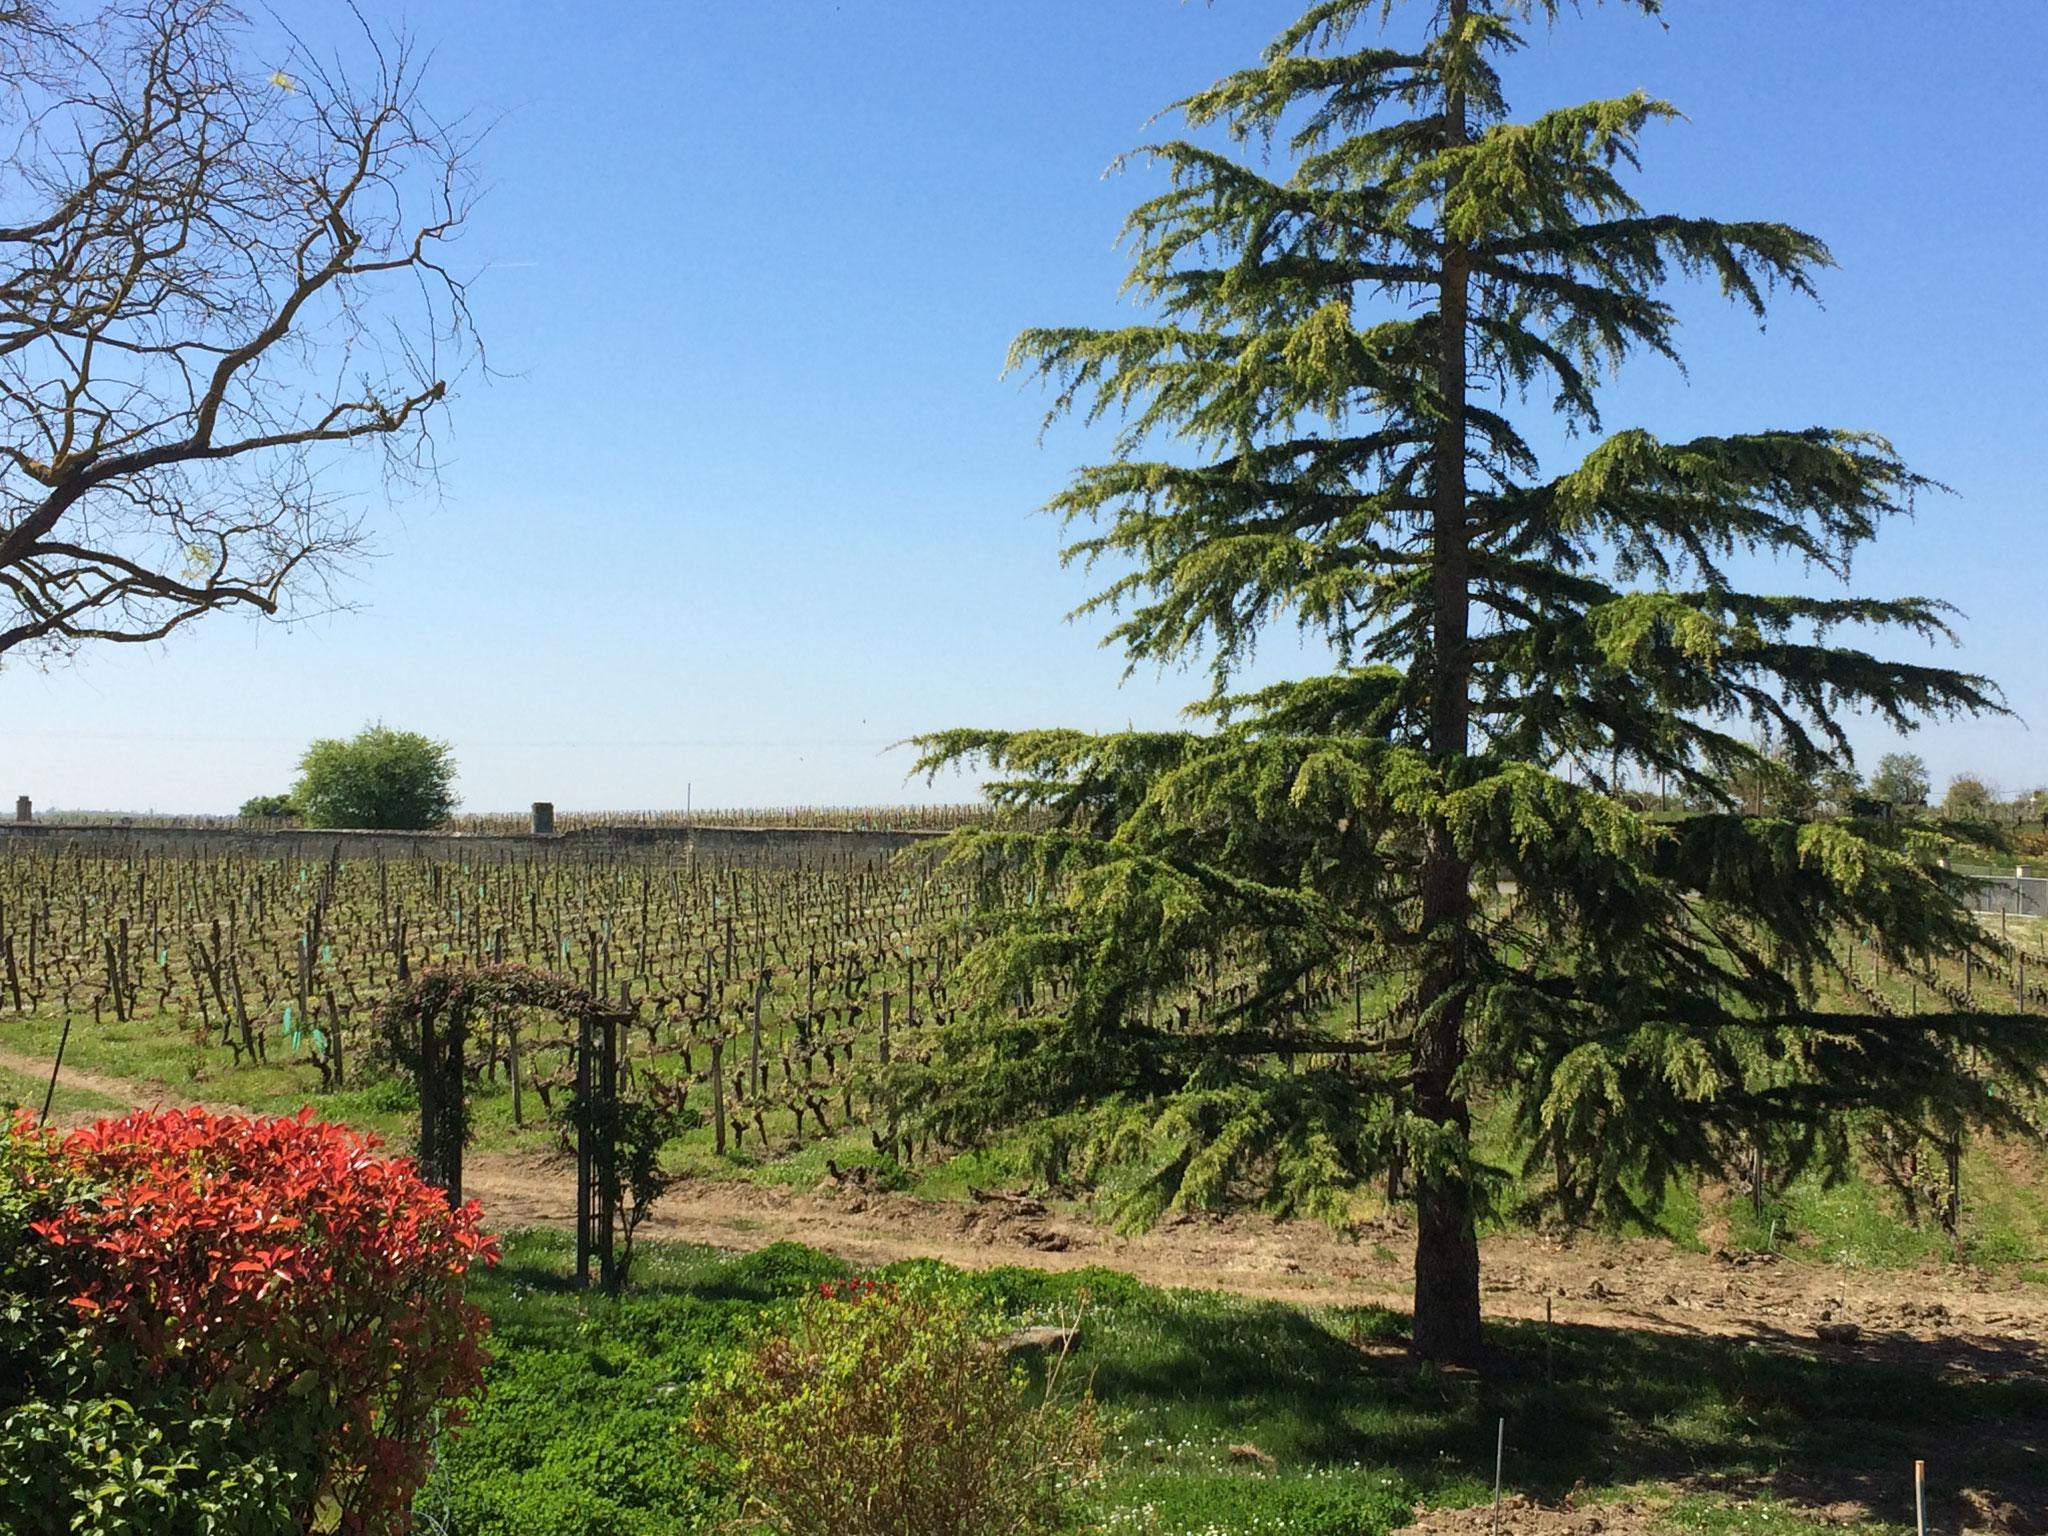 Gîte des Nerleux, St. Cyr en Bourg, Vue vignes